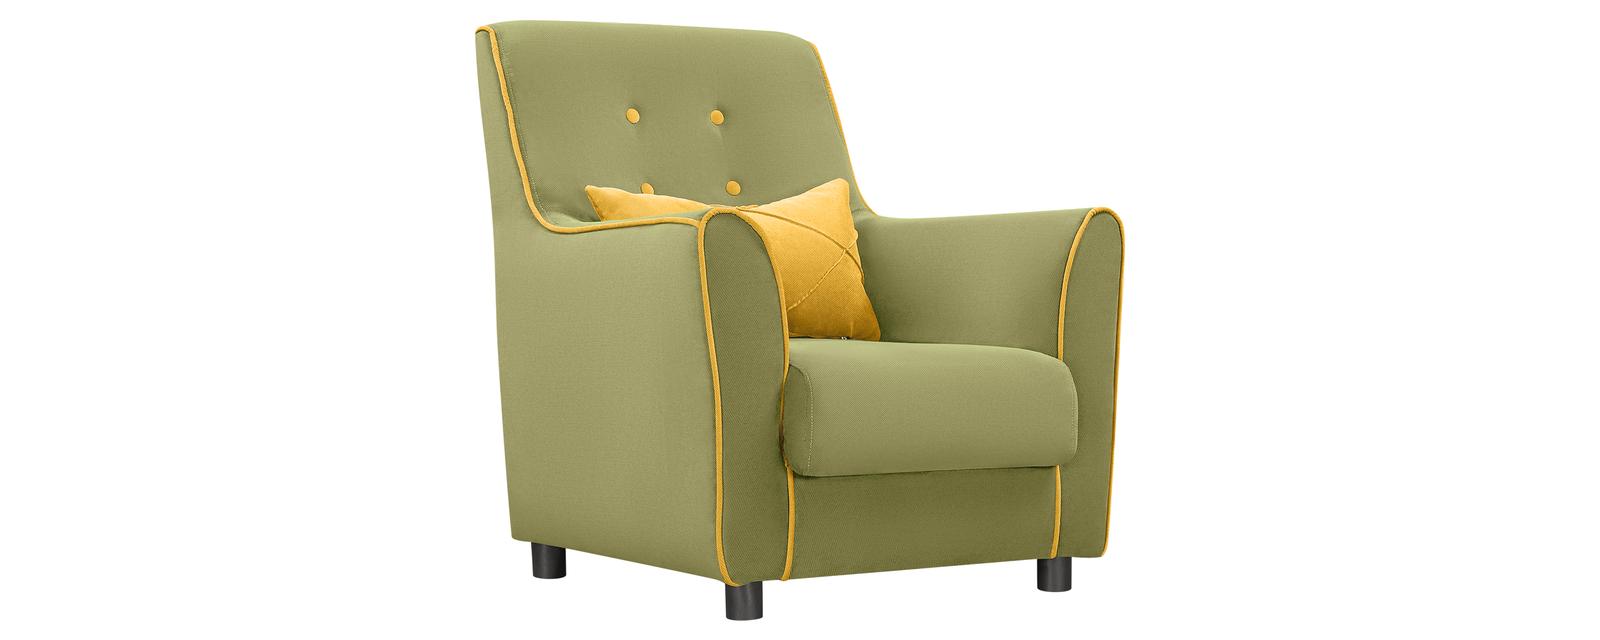 Кресло тканевое Флэтфорд Elegance фисташковый/желтый (Ткань)